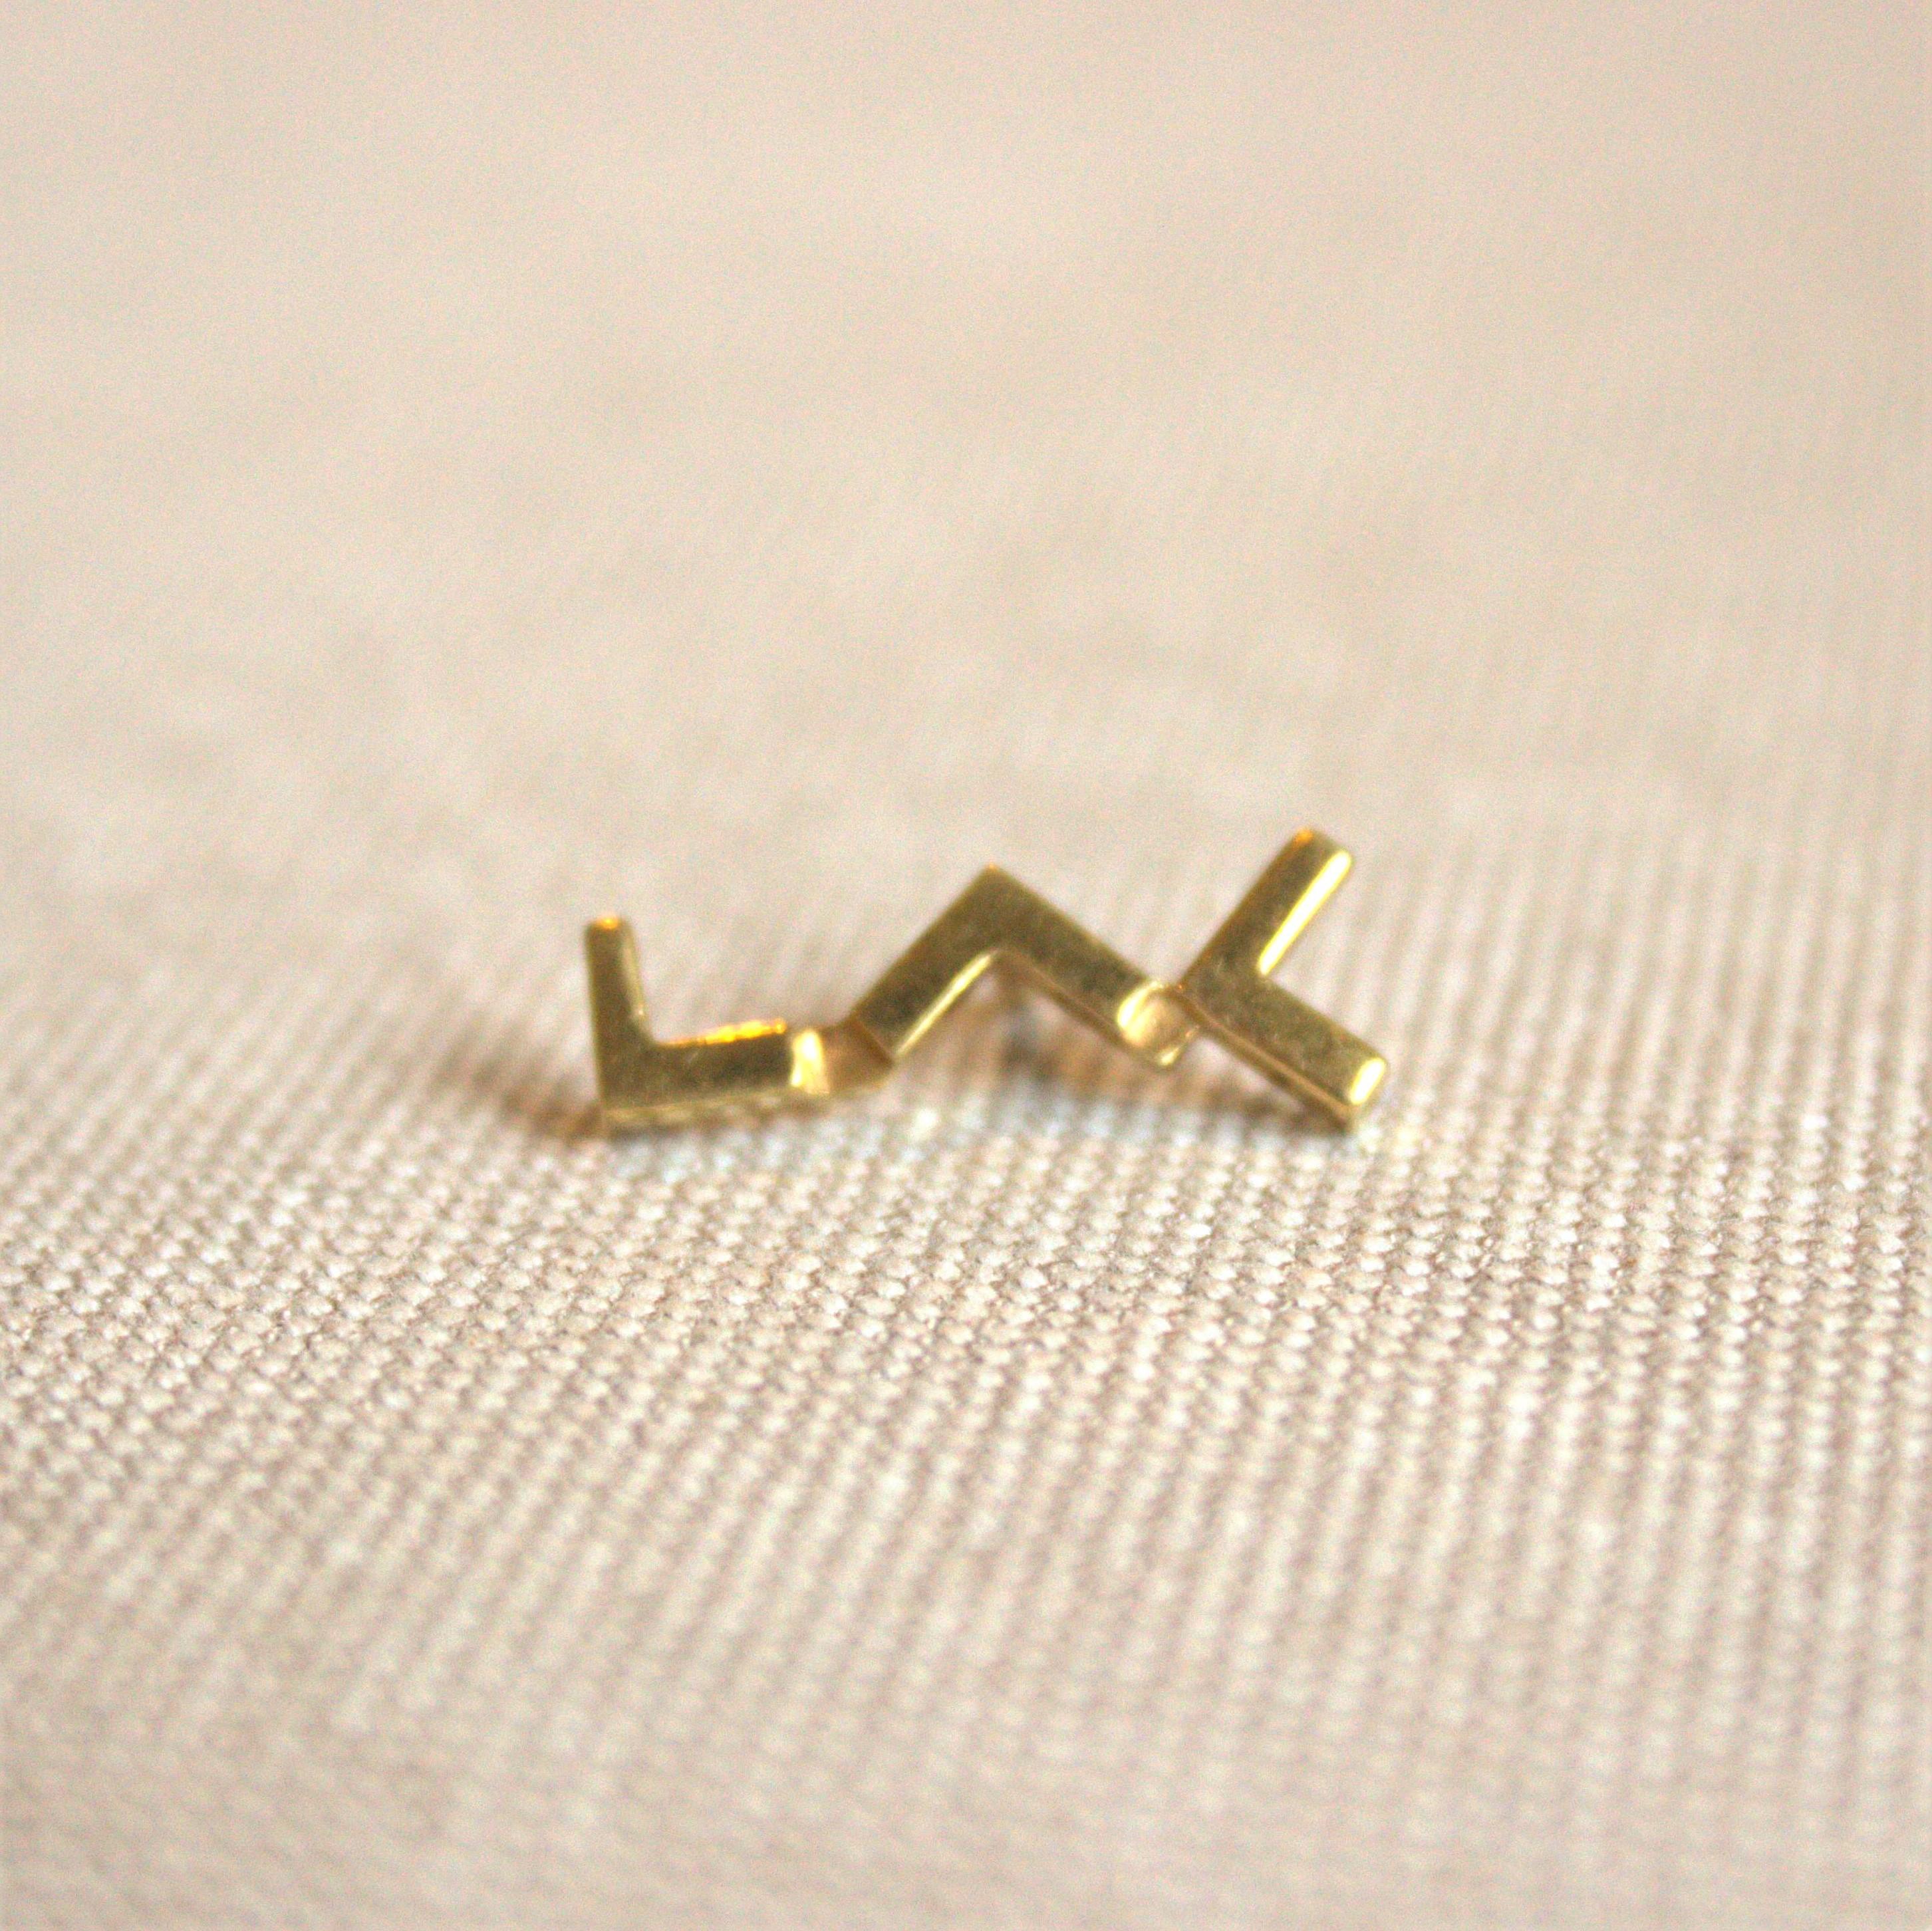 pin's en argent plaqué or au logo du LAC